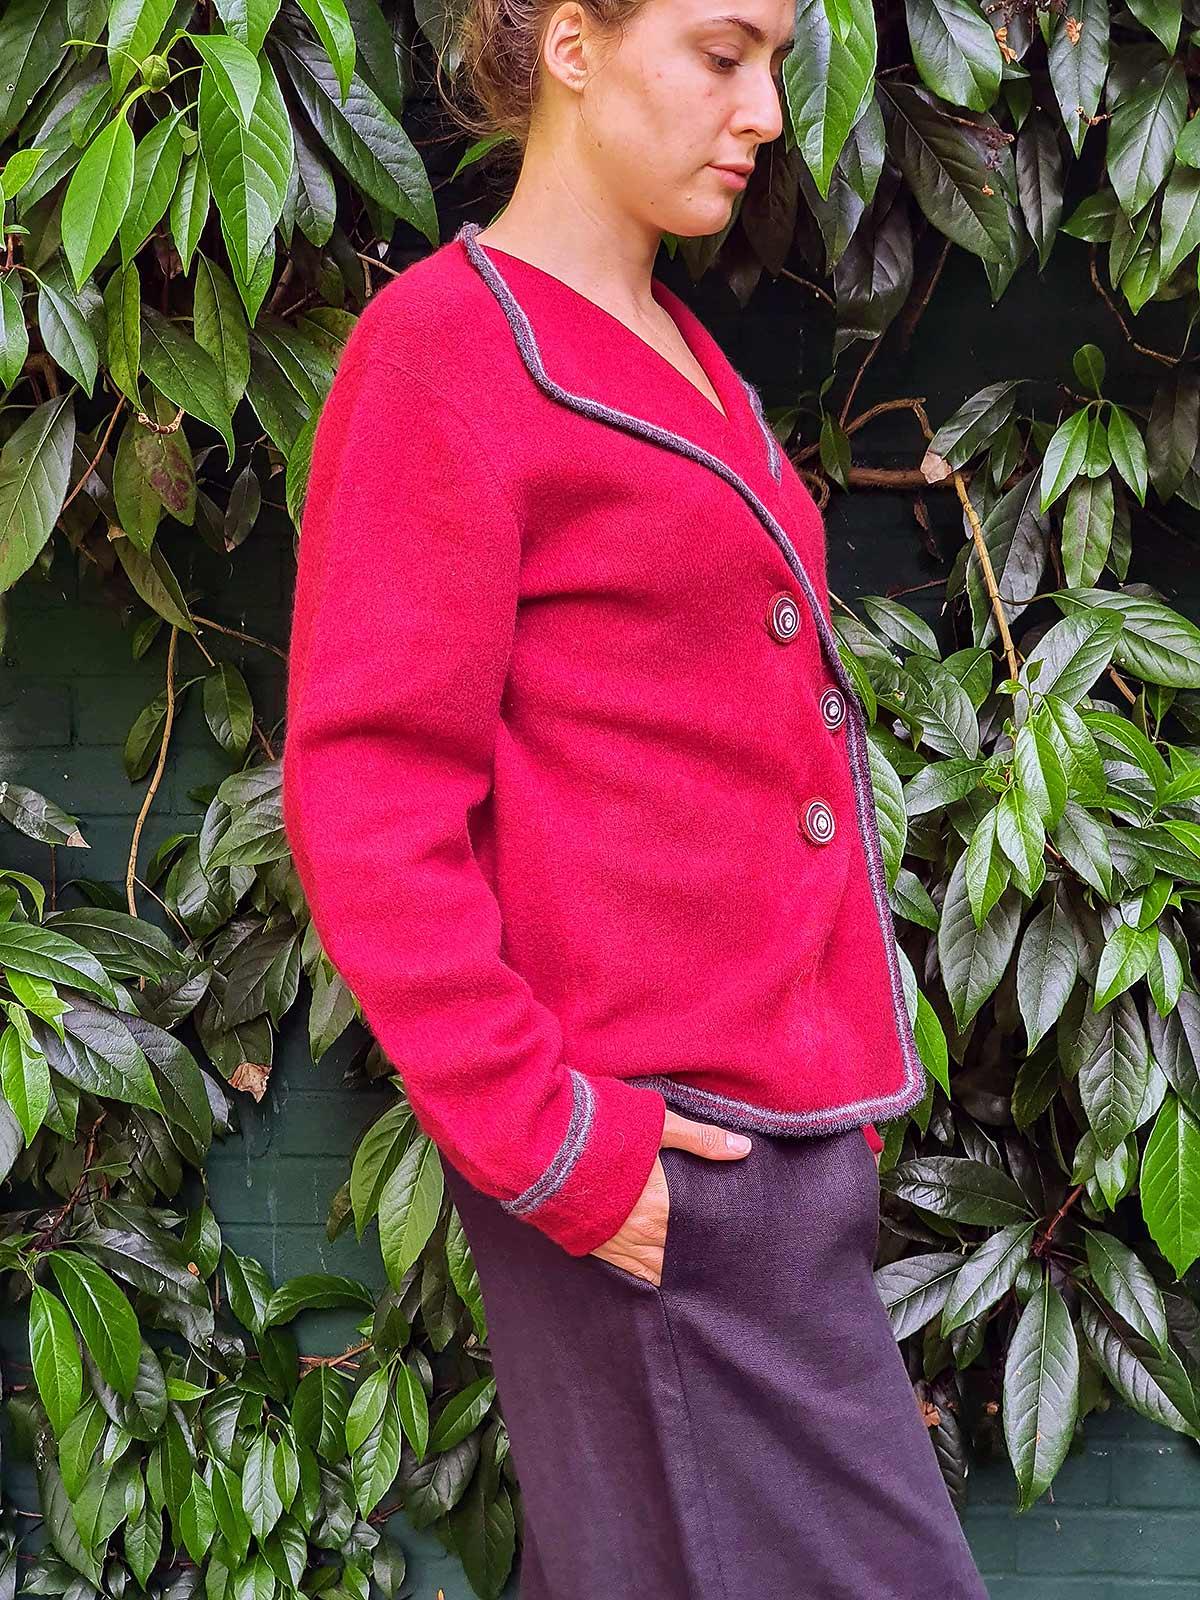 side view woman wearing jacket in garden